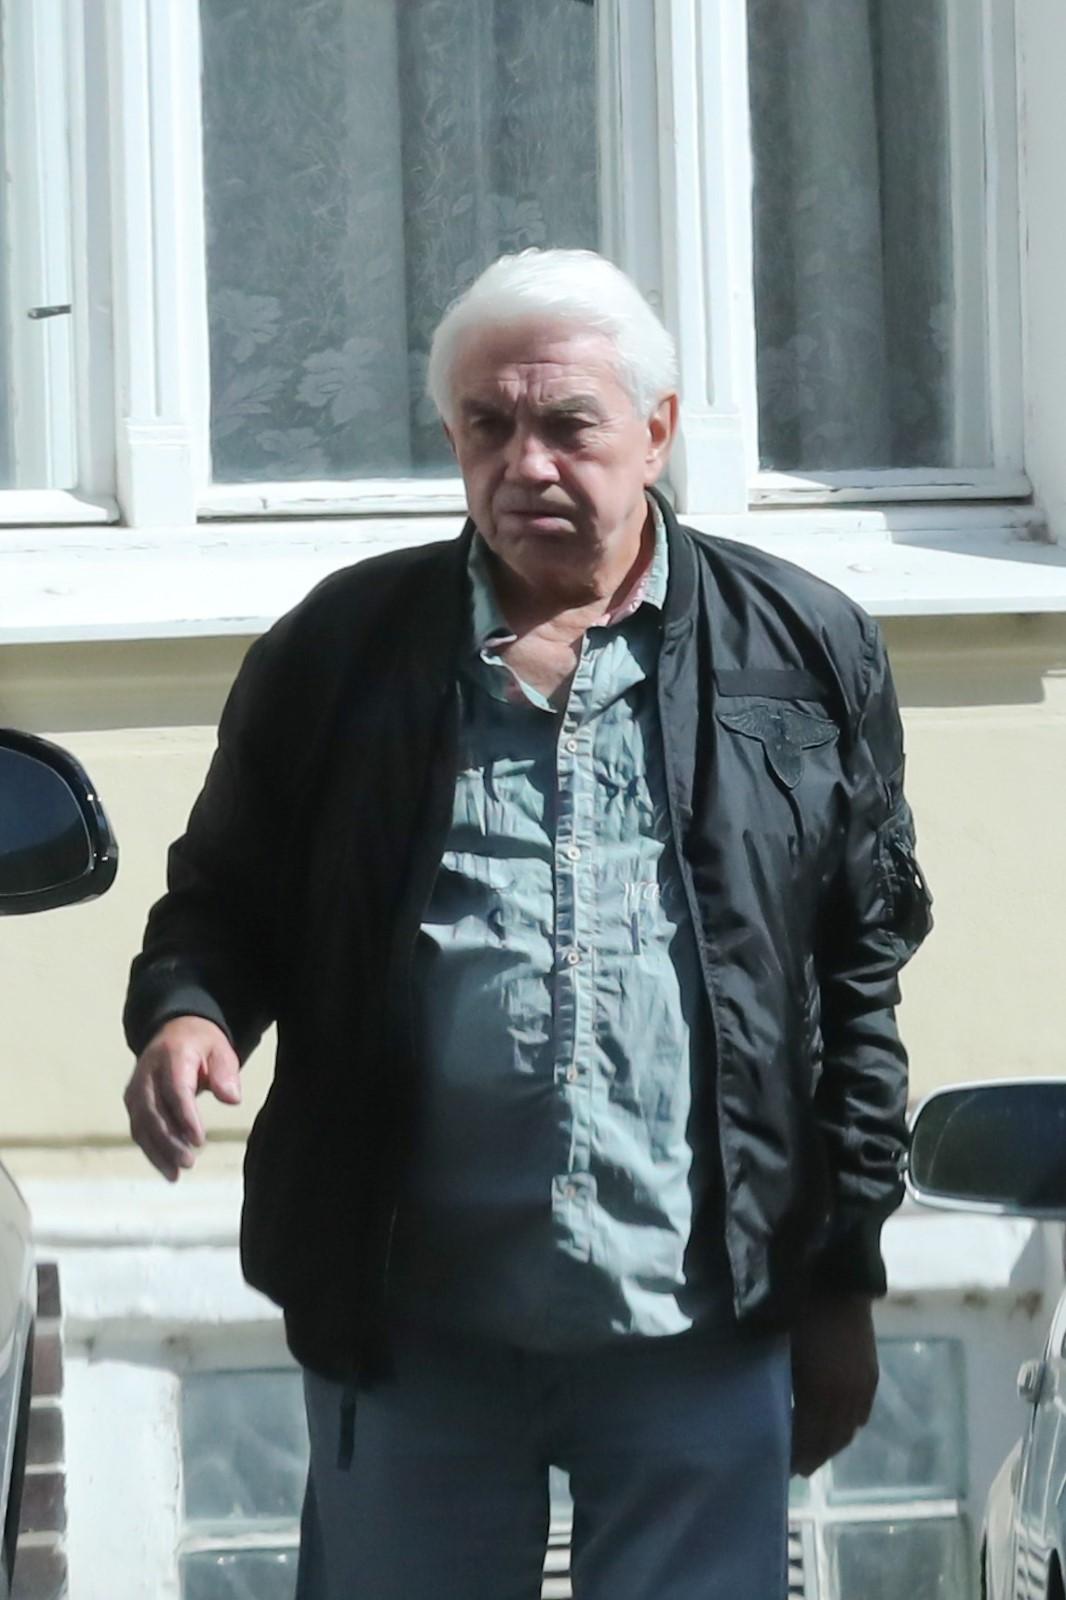 Jiří Krampol šel po smrti ženy do pohřební služby